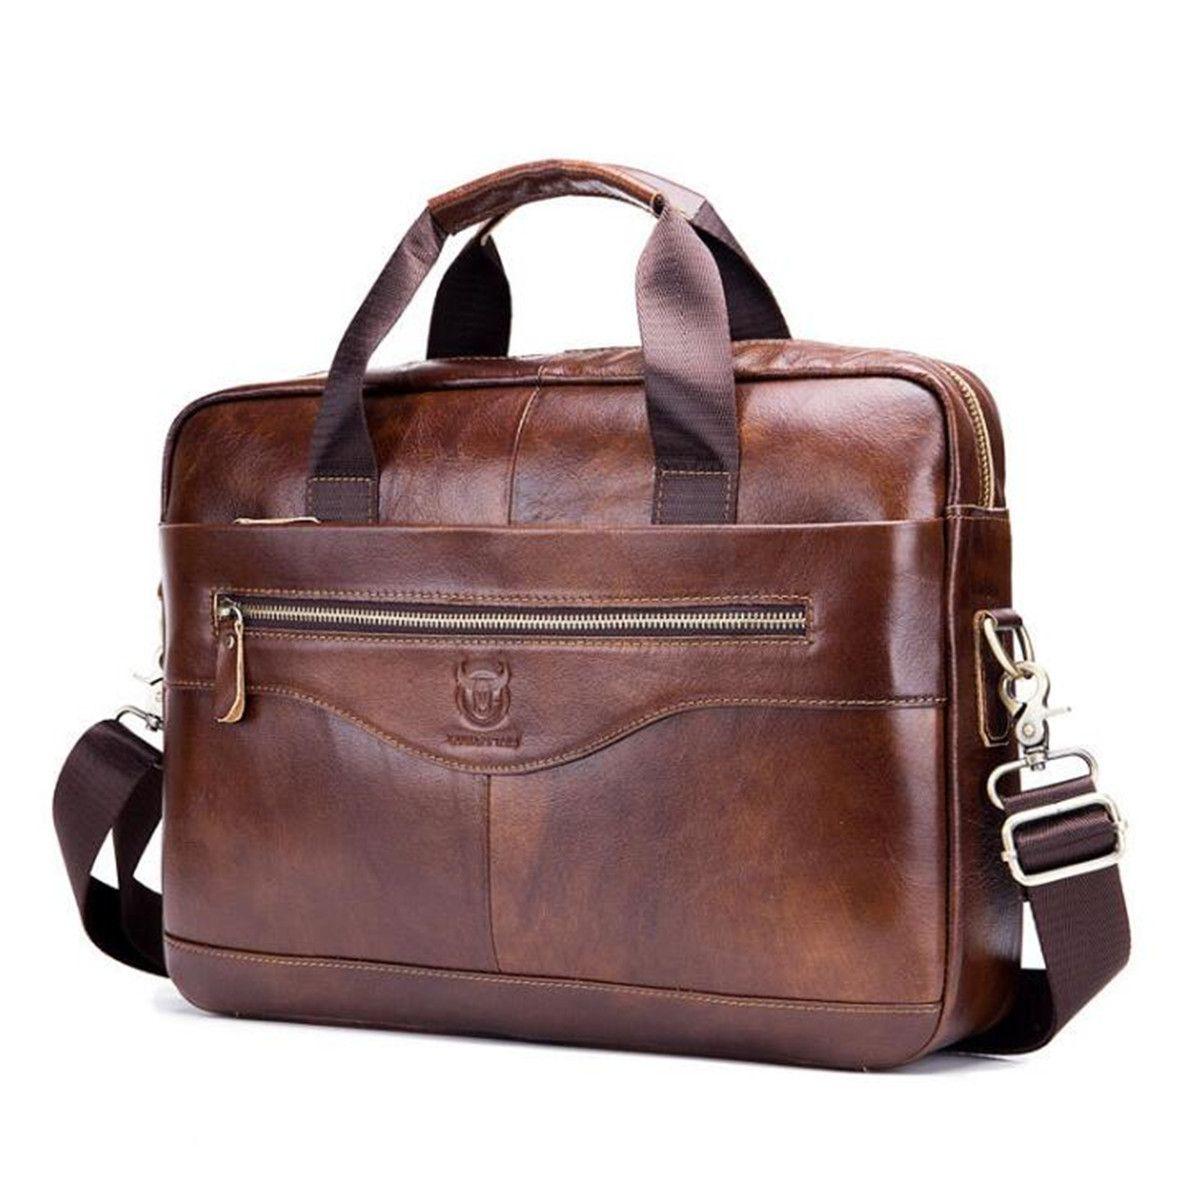 Hommes porte-Documents avocat en cuir véritable sac à main Vintage sacoche pour ordinateur portable homme ordinateur sacs à bandoulière décontracté sac pour hommes Documents